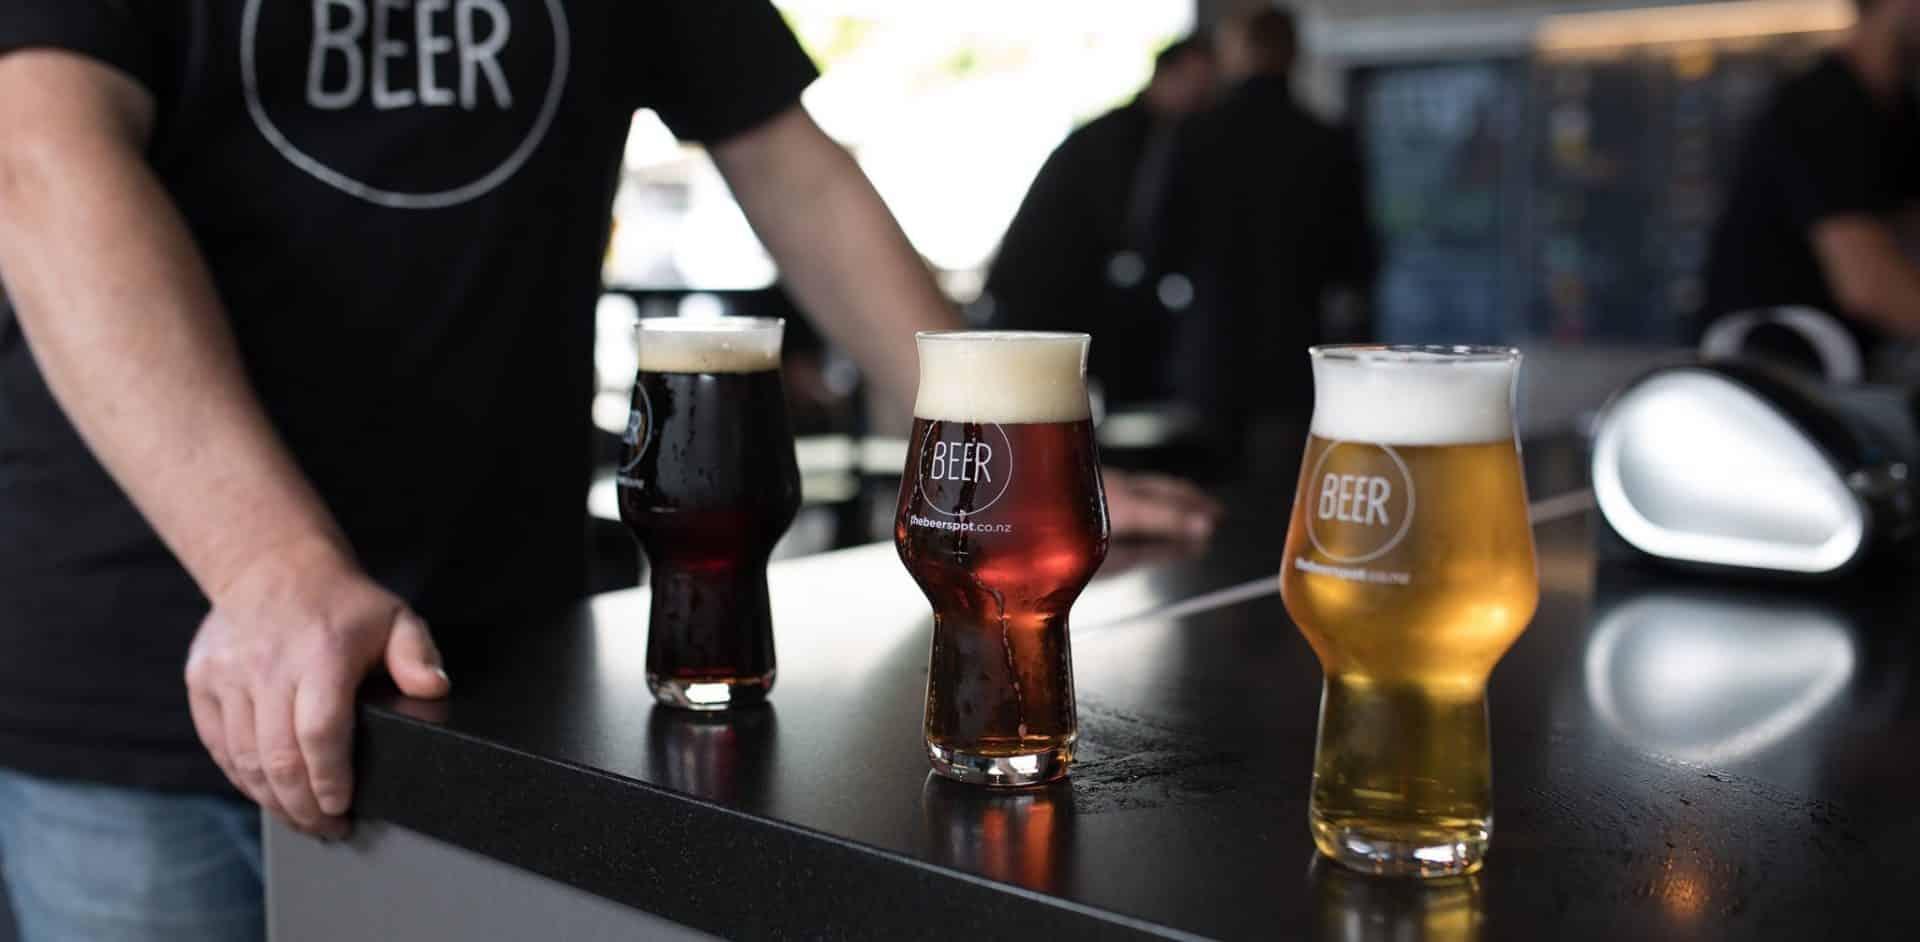 New Zealand Craft Beer Bars